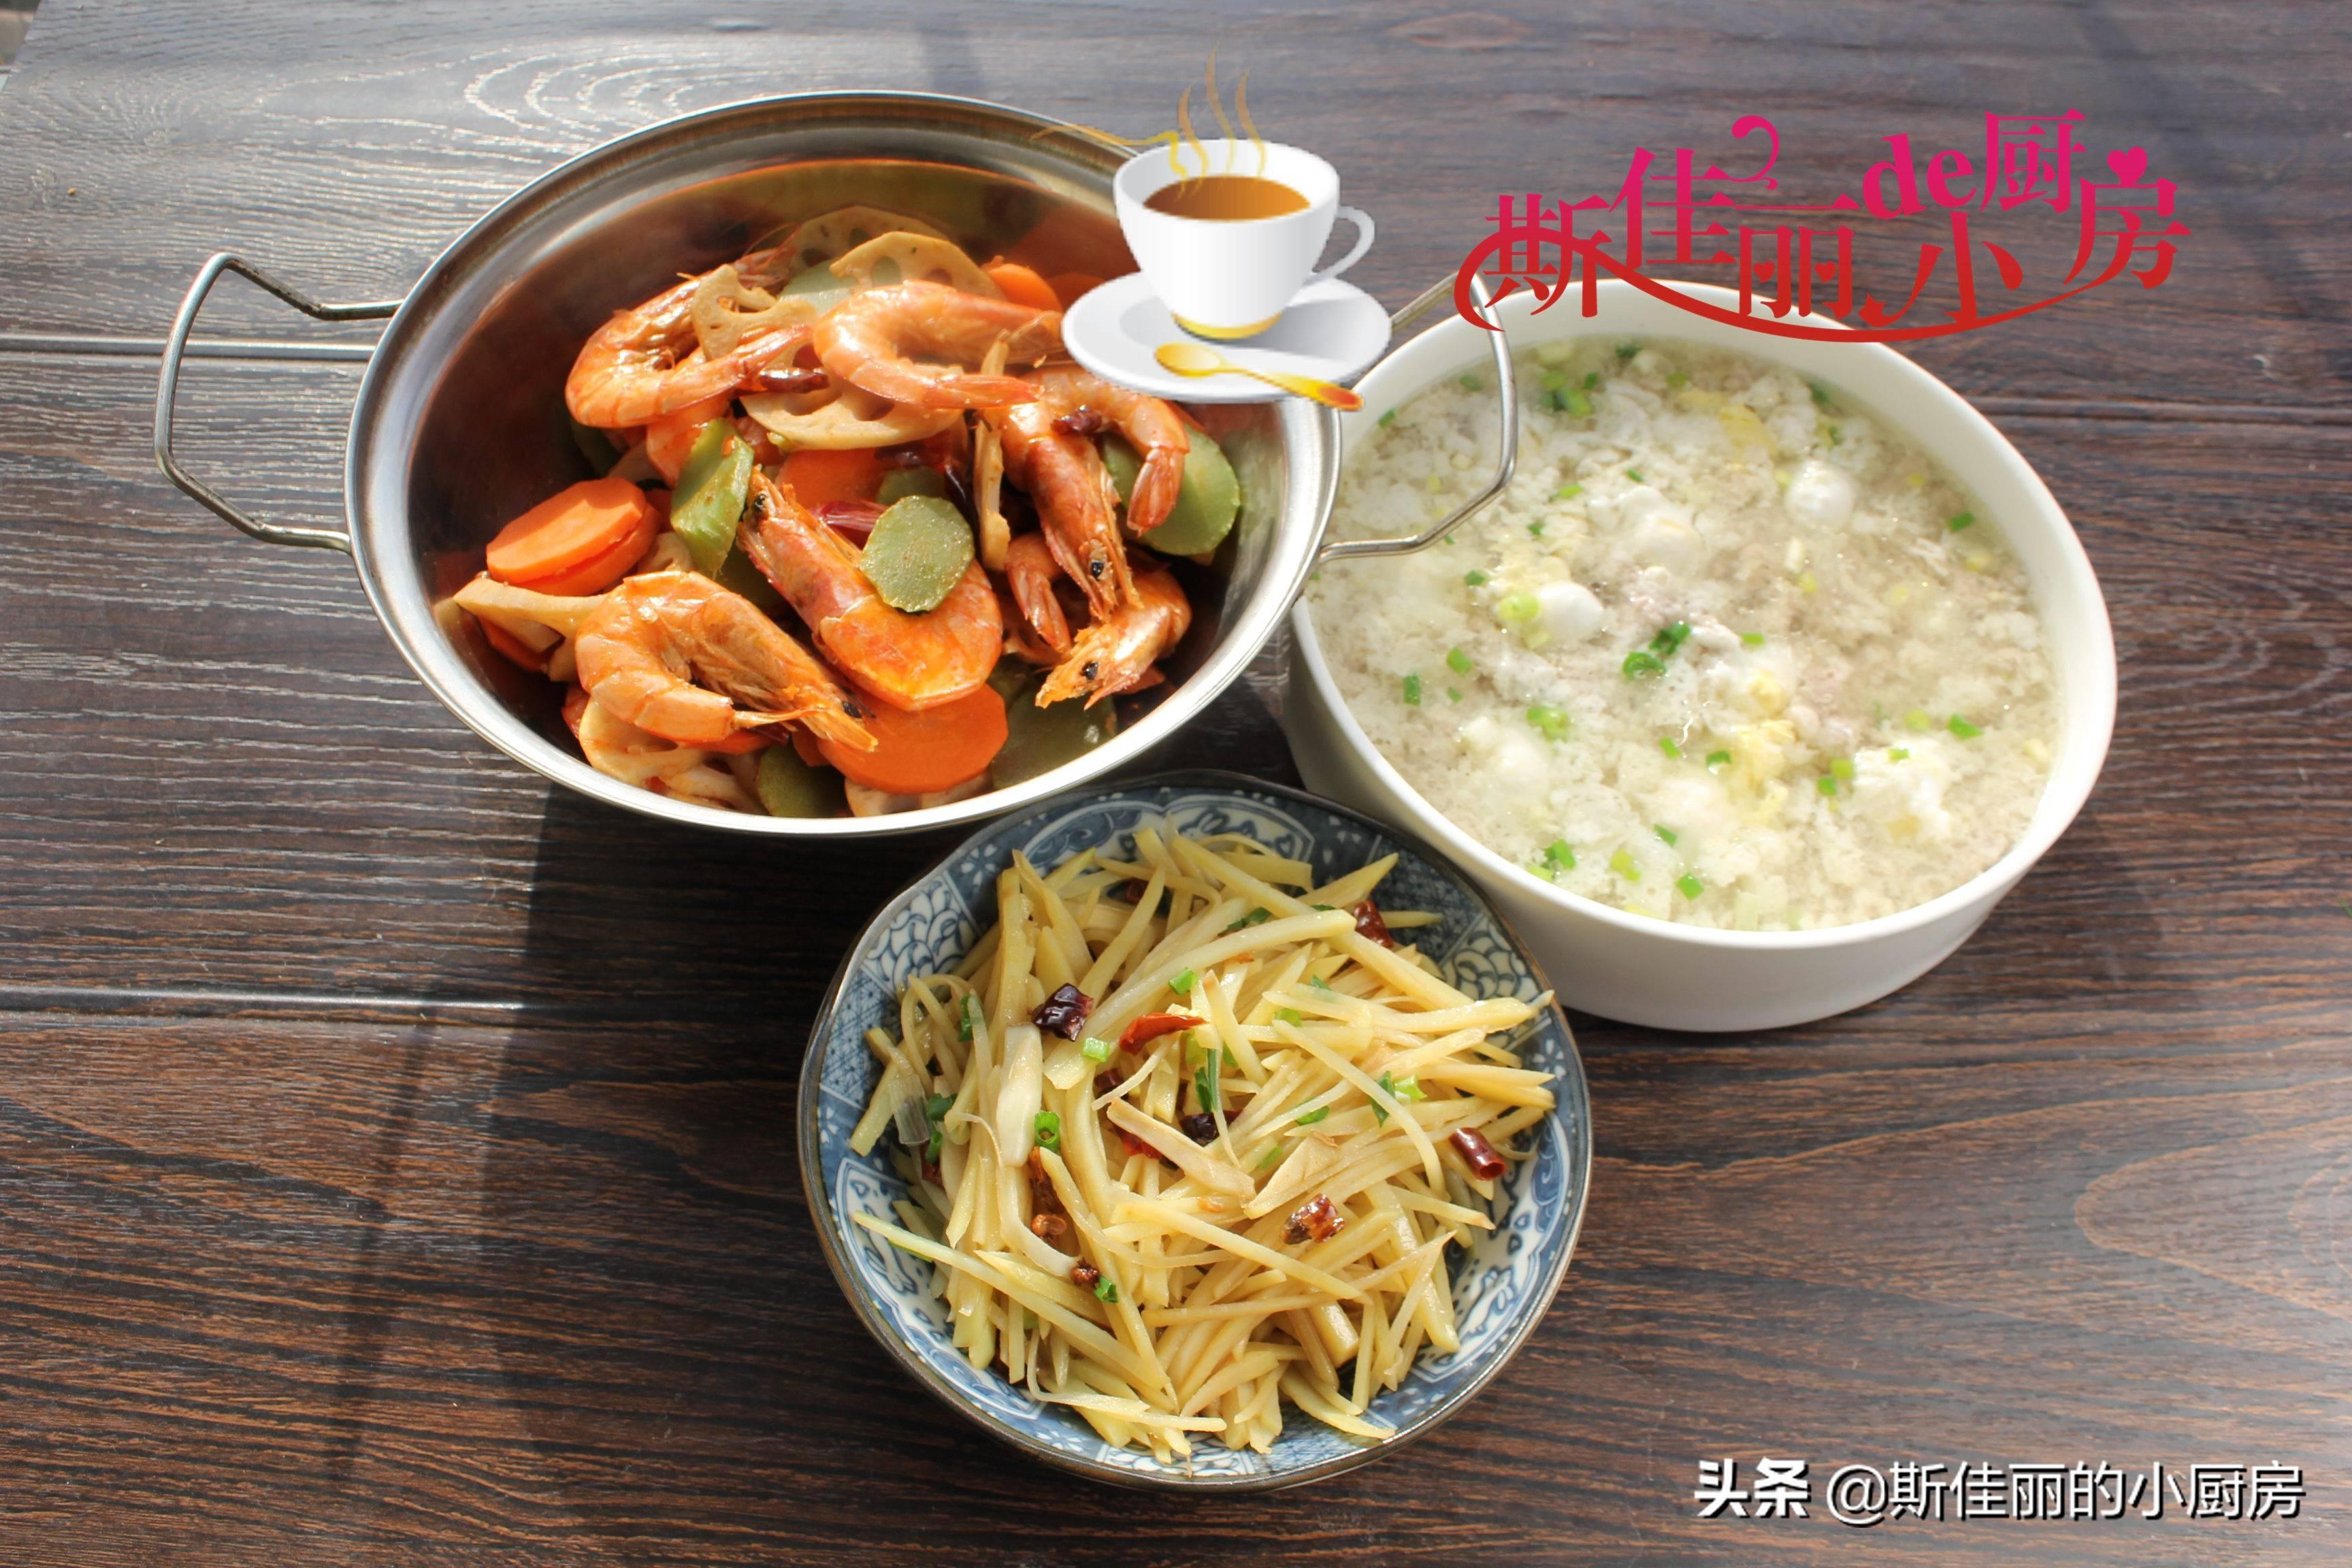 武汉一家三口极简午餐走红朋友圈,不剩菜不浪费,好吃不贵特舒服